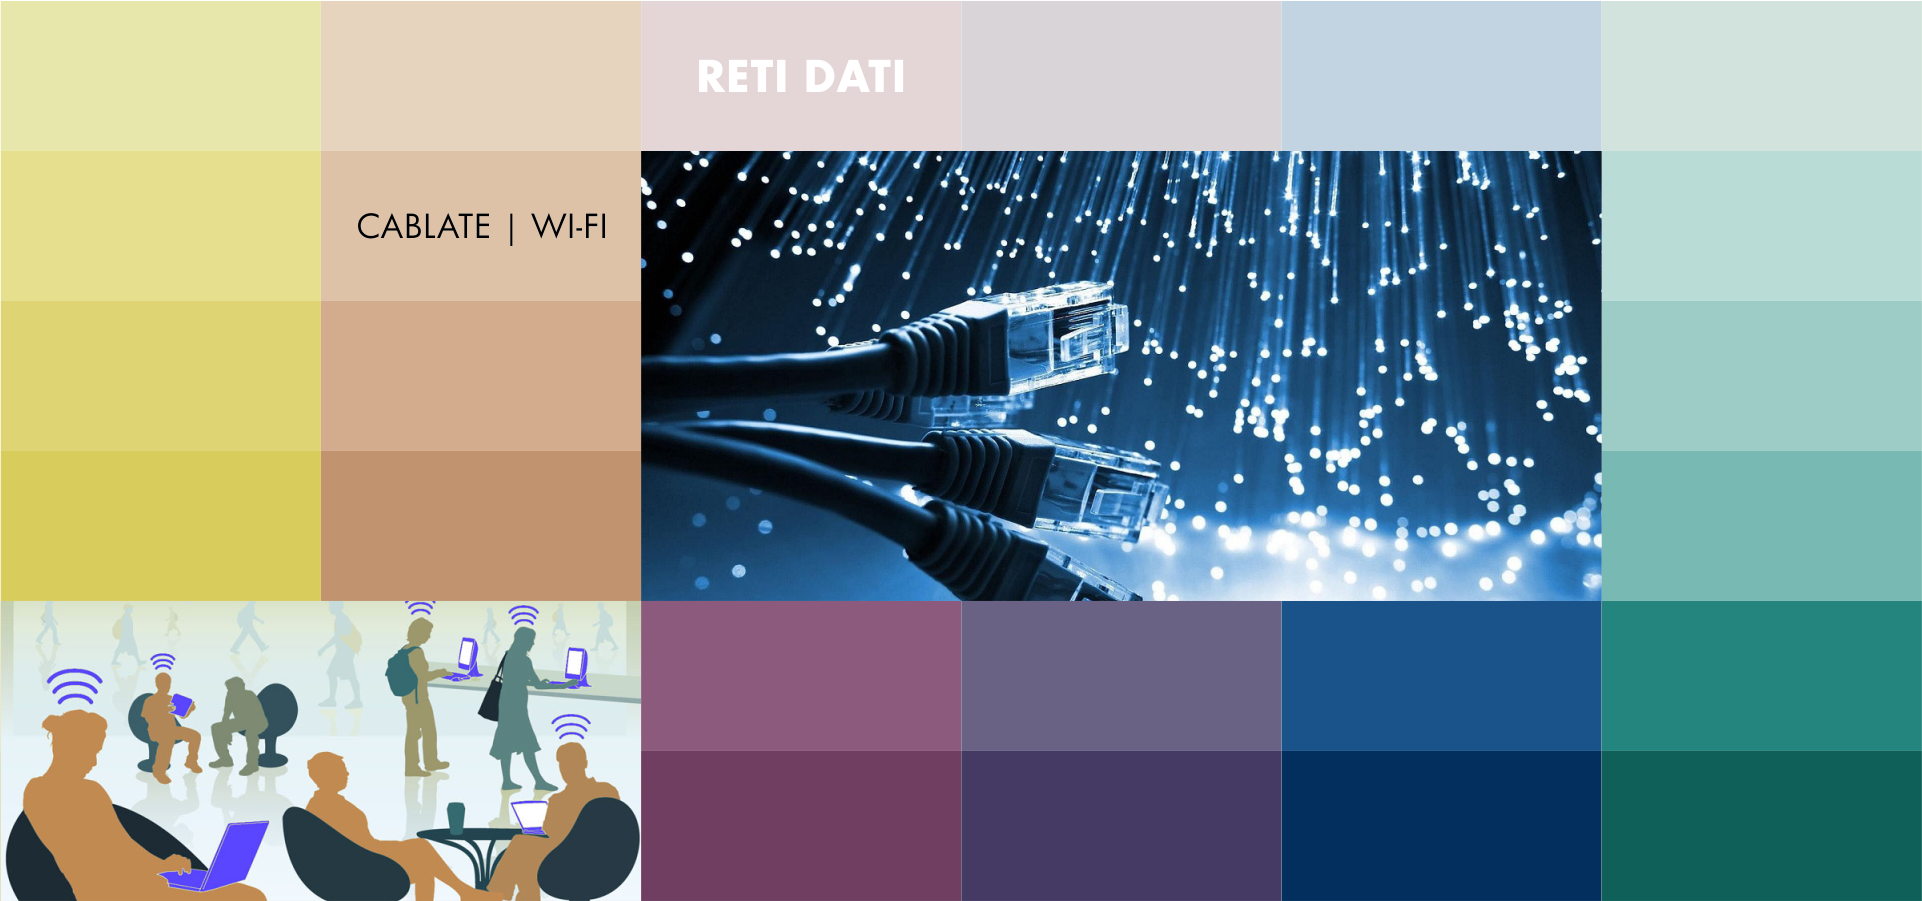 promelit - reti date cablate wi-fi.png